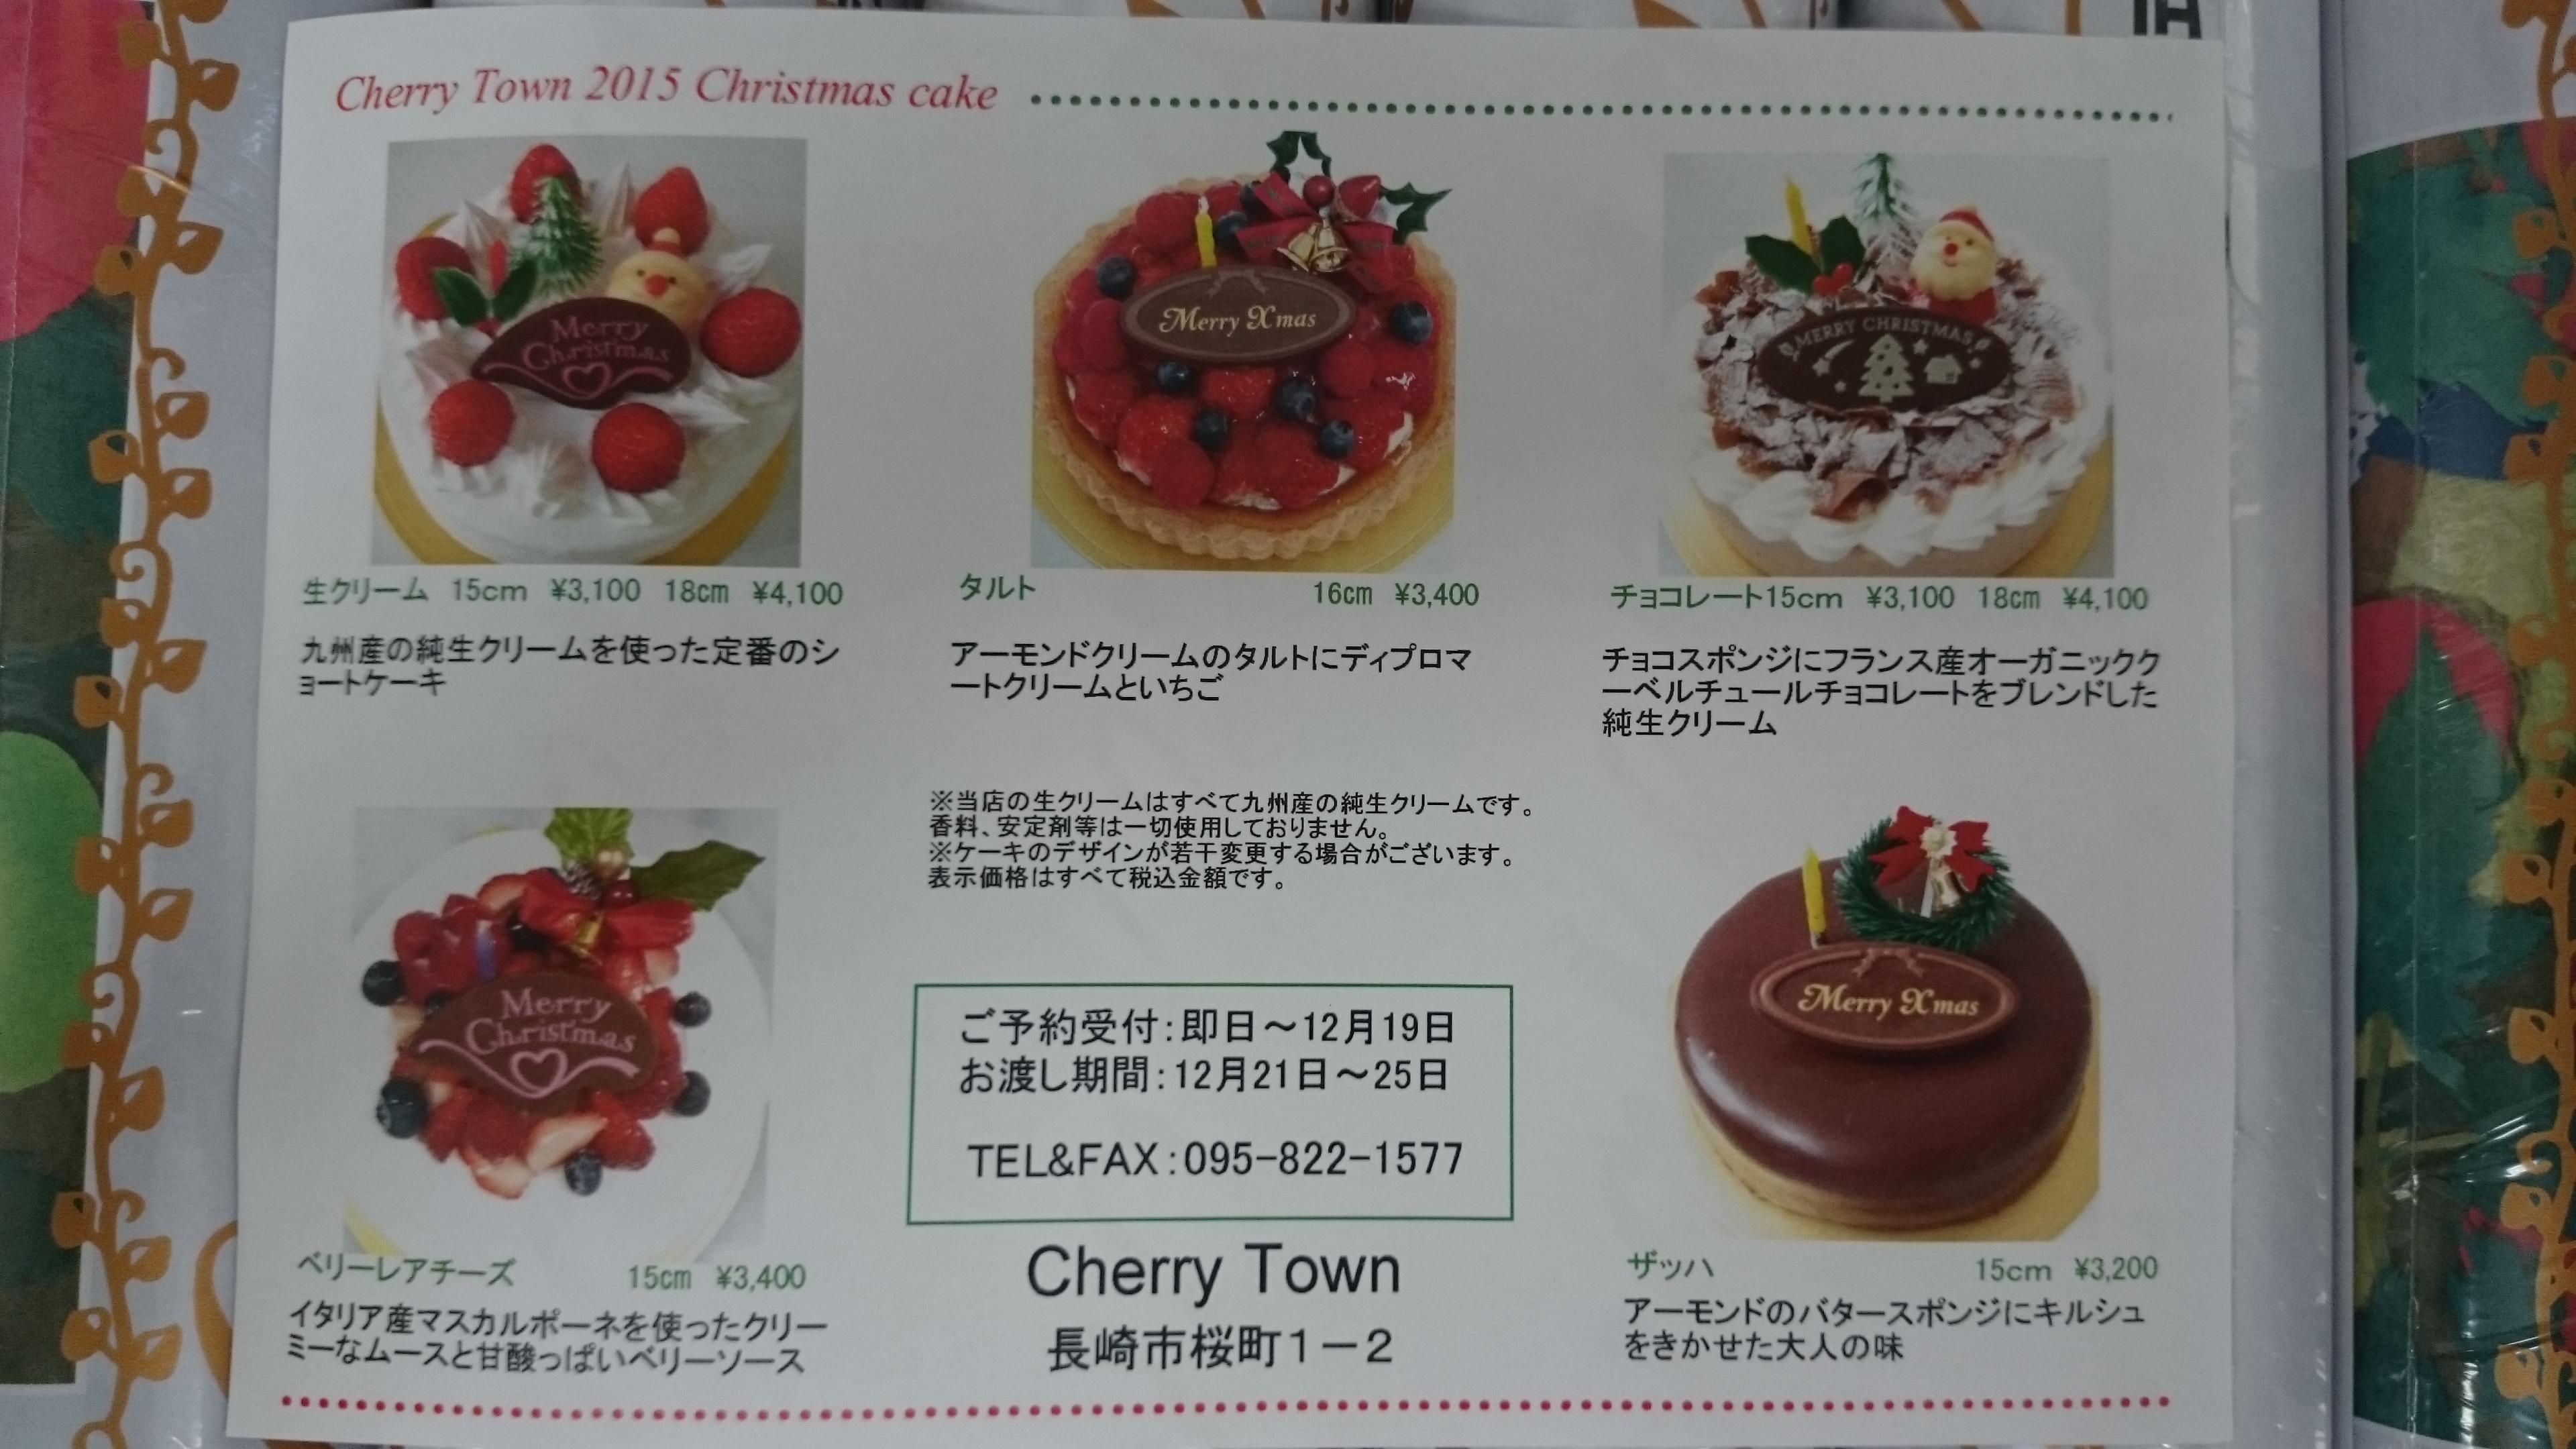 「Cherry Town」より、クリスマスケーキご予約のお知らせです。